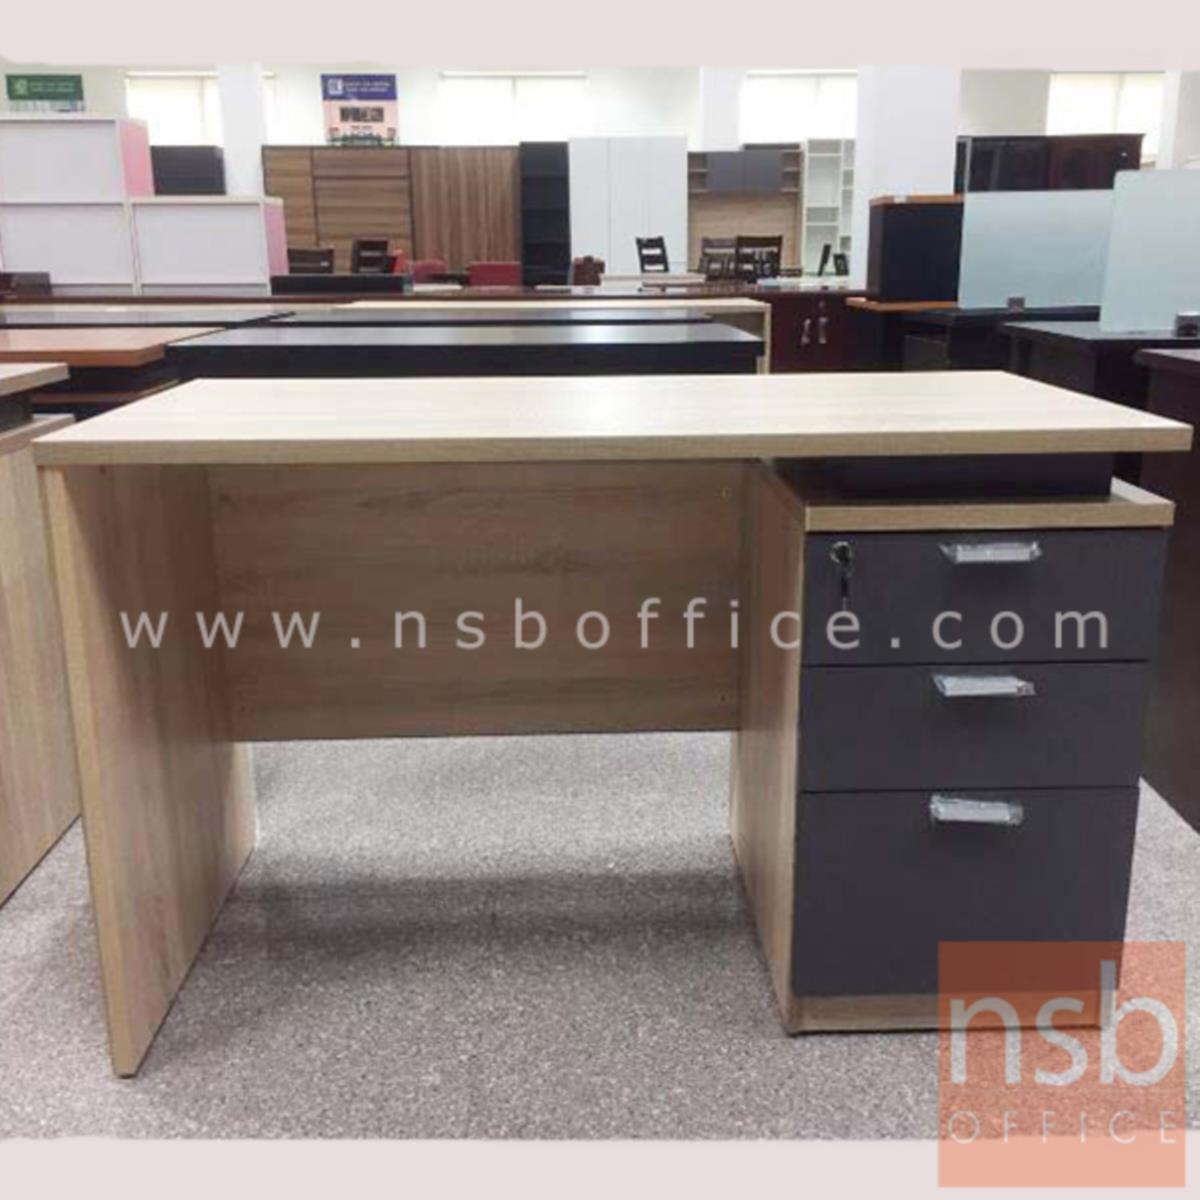 โต๊ะทำงาน 3 ลิ้นชัก  รุ่น D-KP3 ขนาด 120W cm. พร้อมกุญแจล็อค